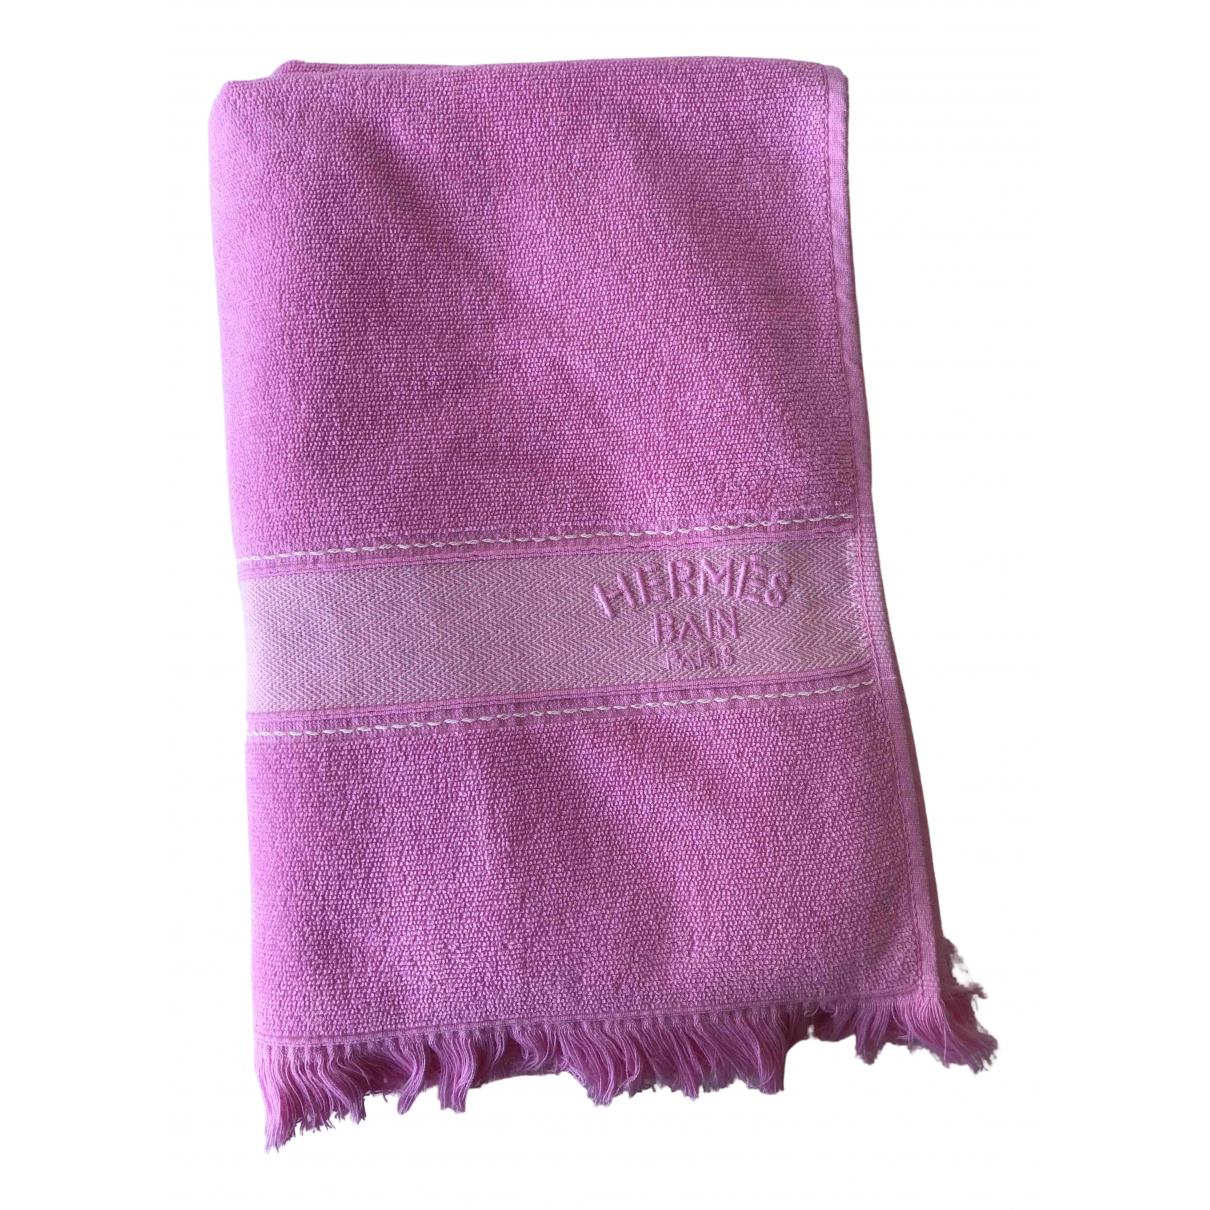 Hermes - Linge de maison   pour lifestyle en coton - rose